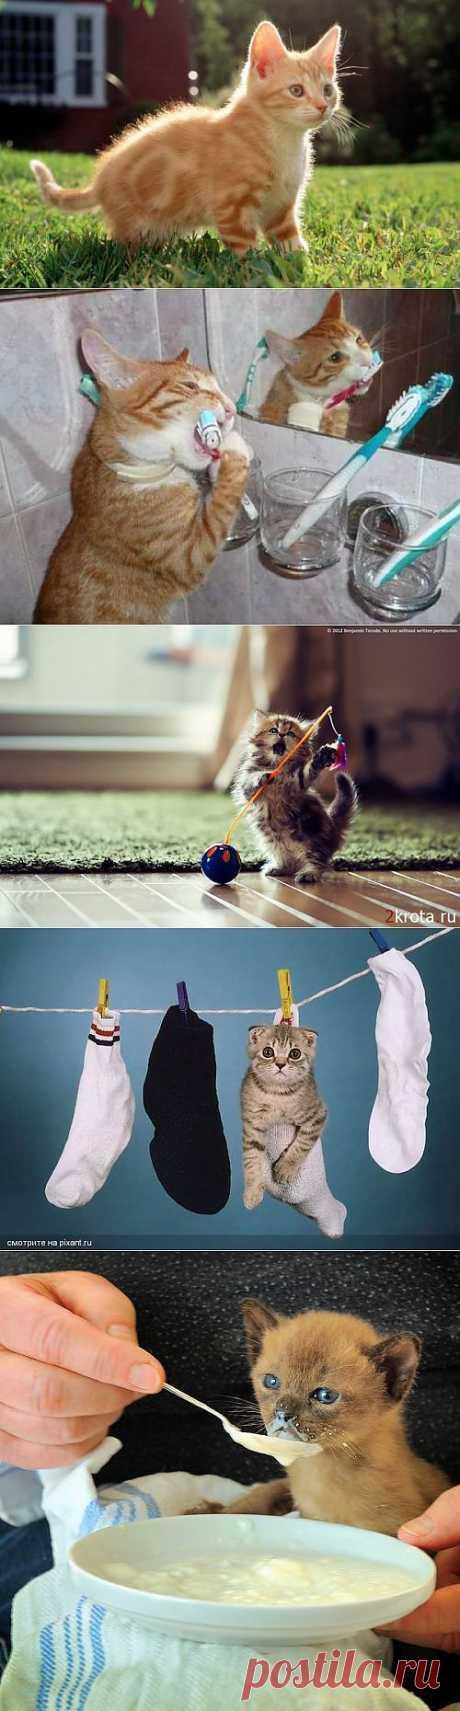 (+1) тема - Такие милые котята: как за ними ухаживать, с чего начать? (ФОТО) | Четвероногий юмор